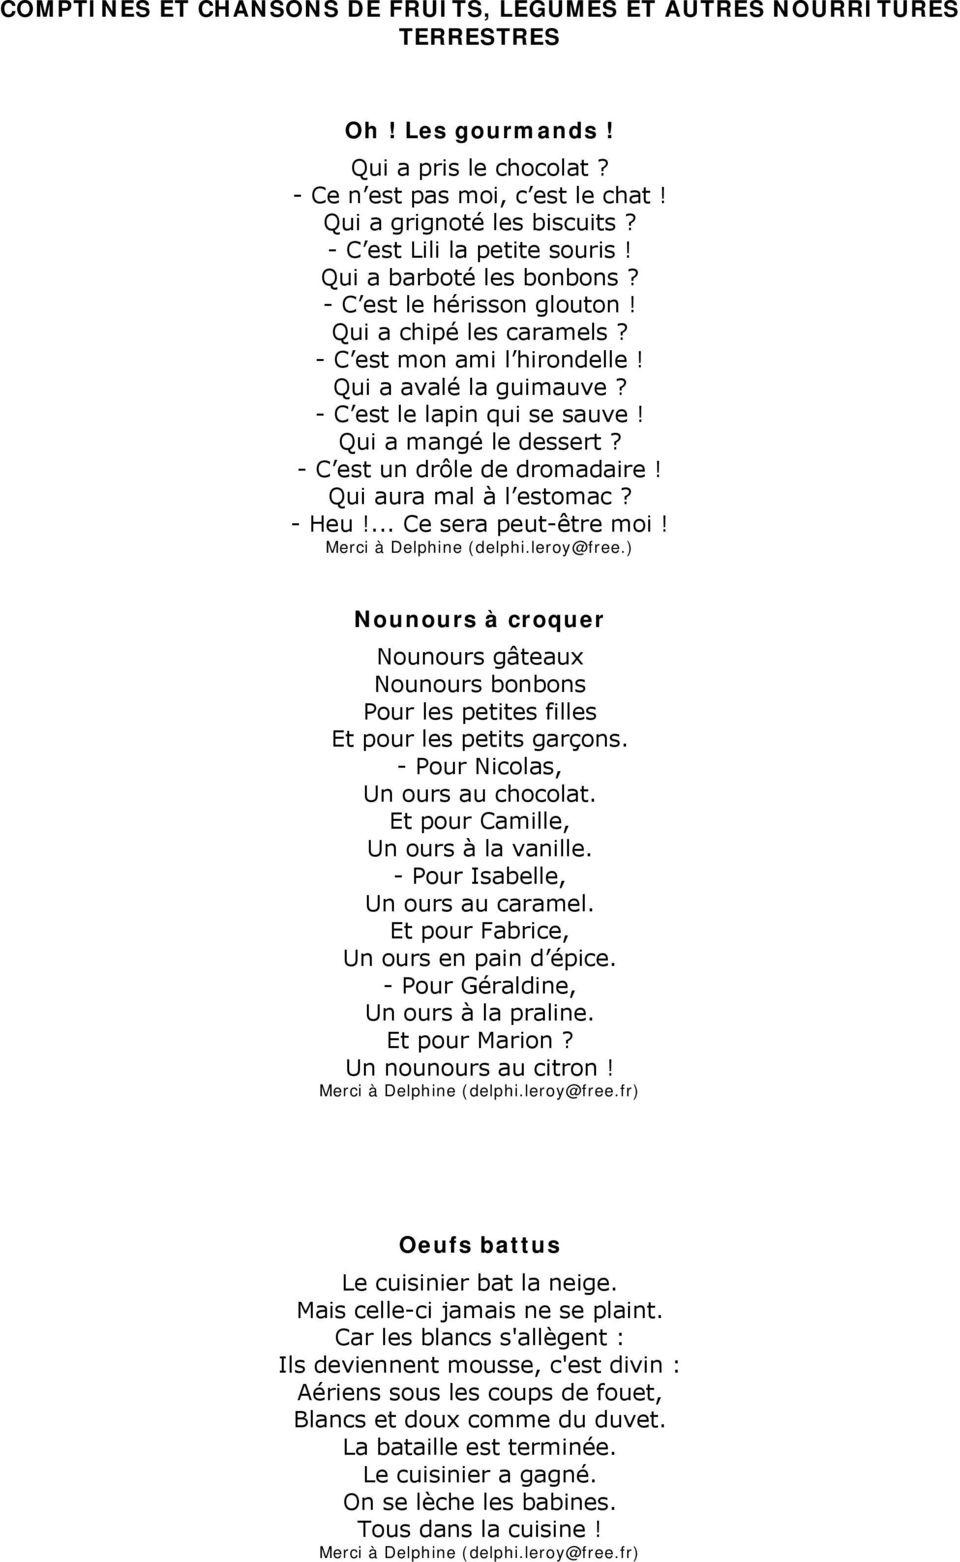 Comptines Et Chansons De Fruits, Legumes Et Autres concernant Chanson Sur Les Fruits Et Légumes